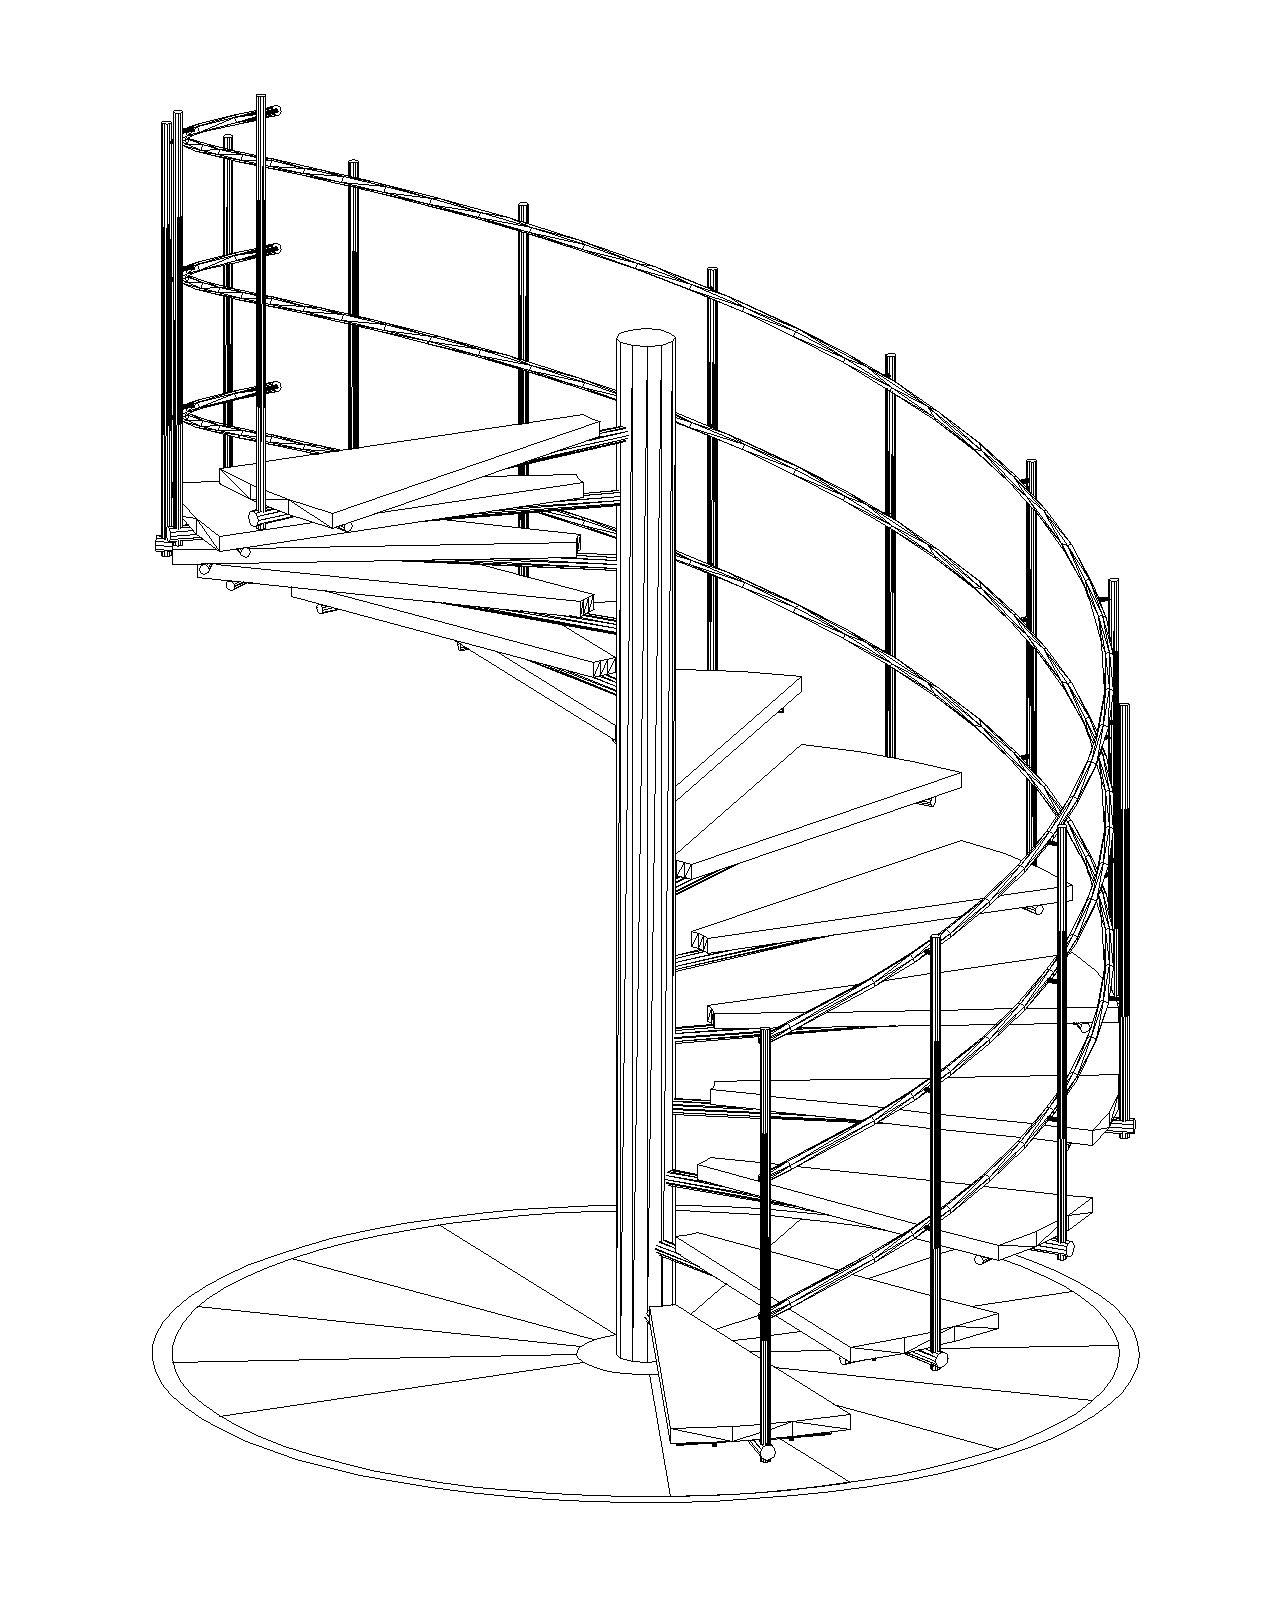 Ejercicio 8 Escalera Caracol Propio Escalera Caracol Caracoles Dibujo Escaleras